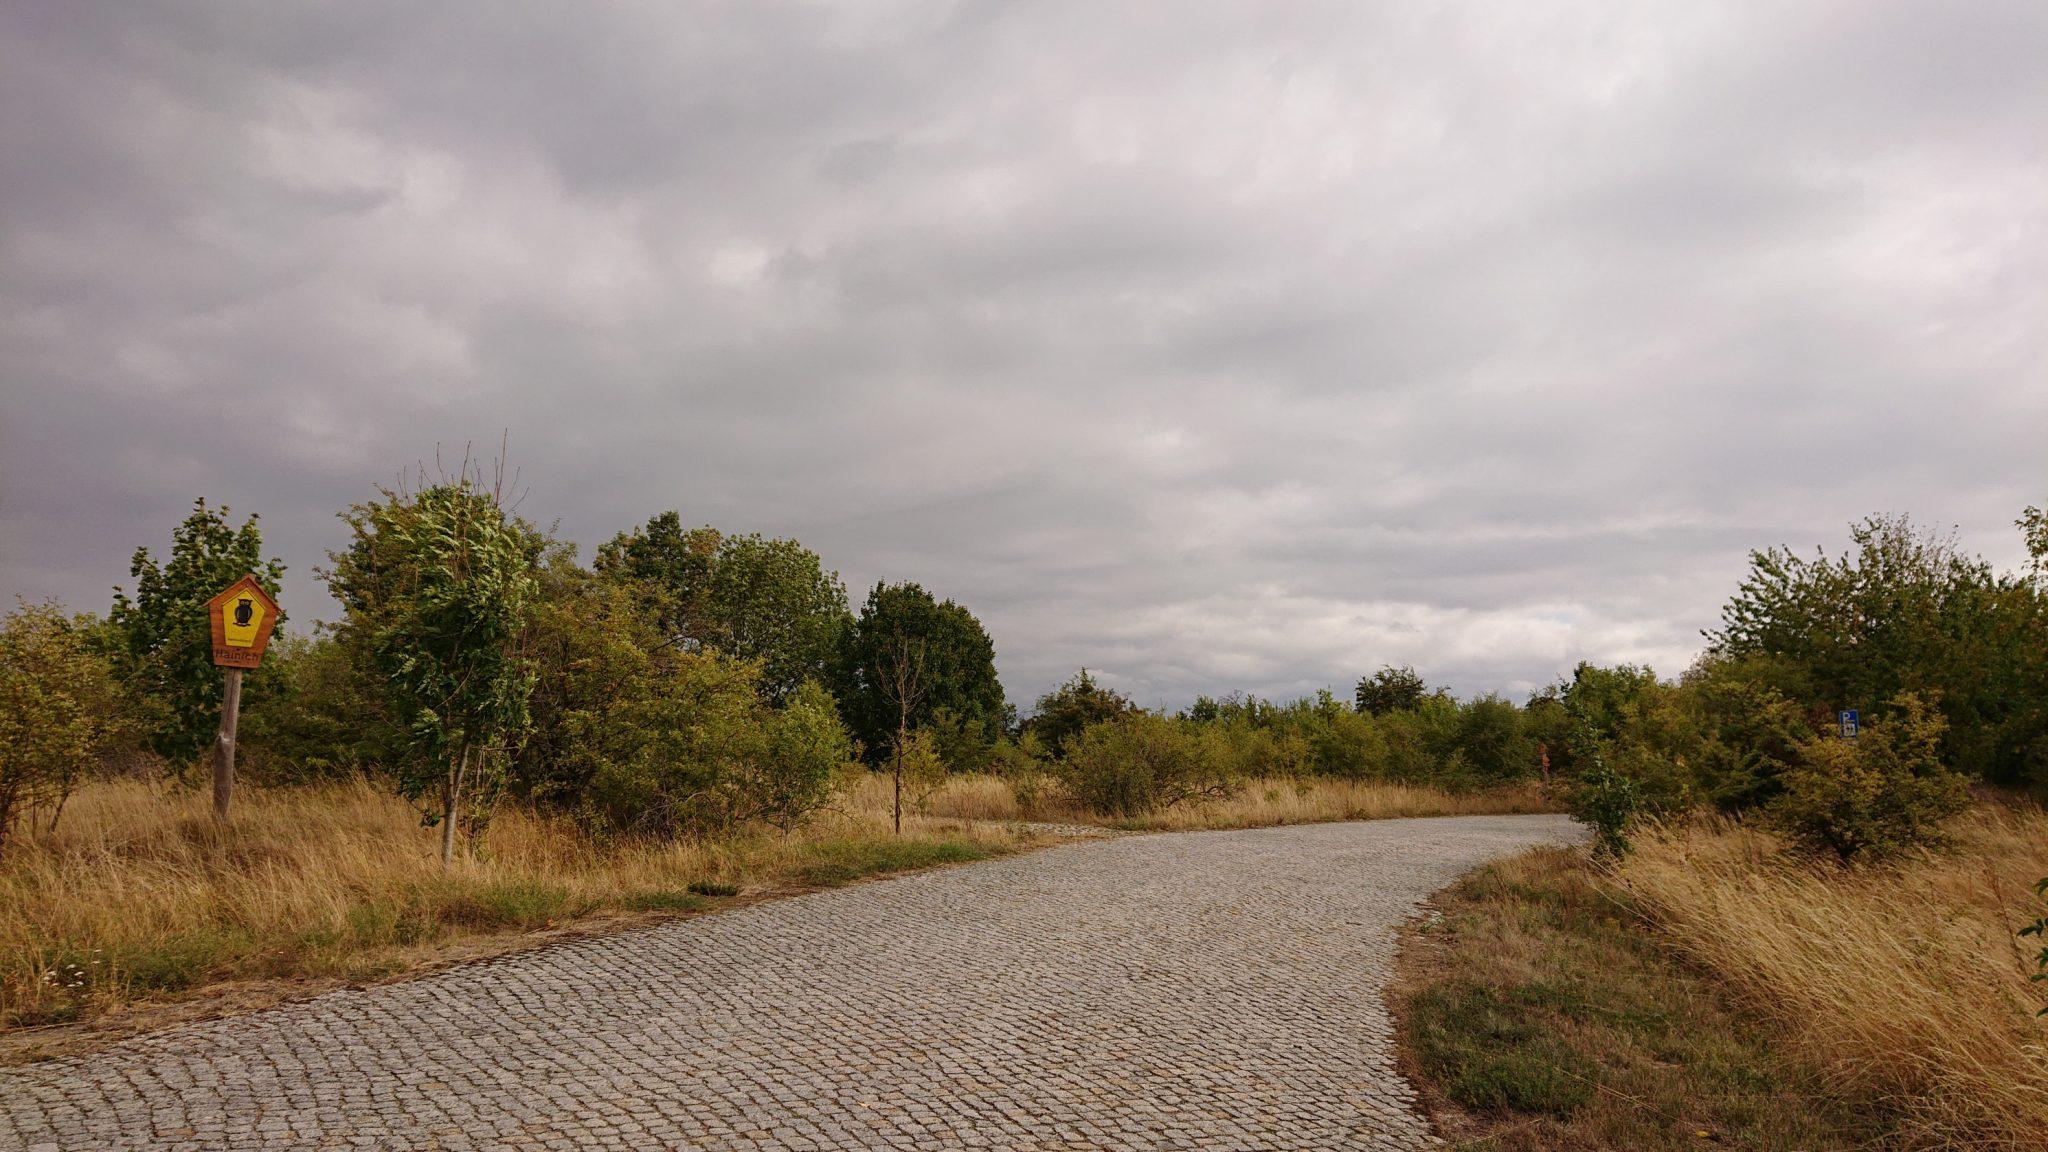 Nationalpark Hainich Saugrabenweg und Betteleichenweg wandern, letzter Wegabschnitt leider an Straße entlang, aber eigentlich kein Verkehr